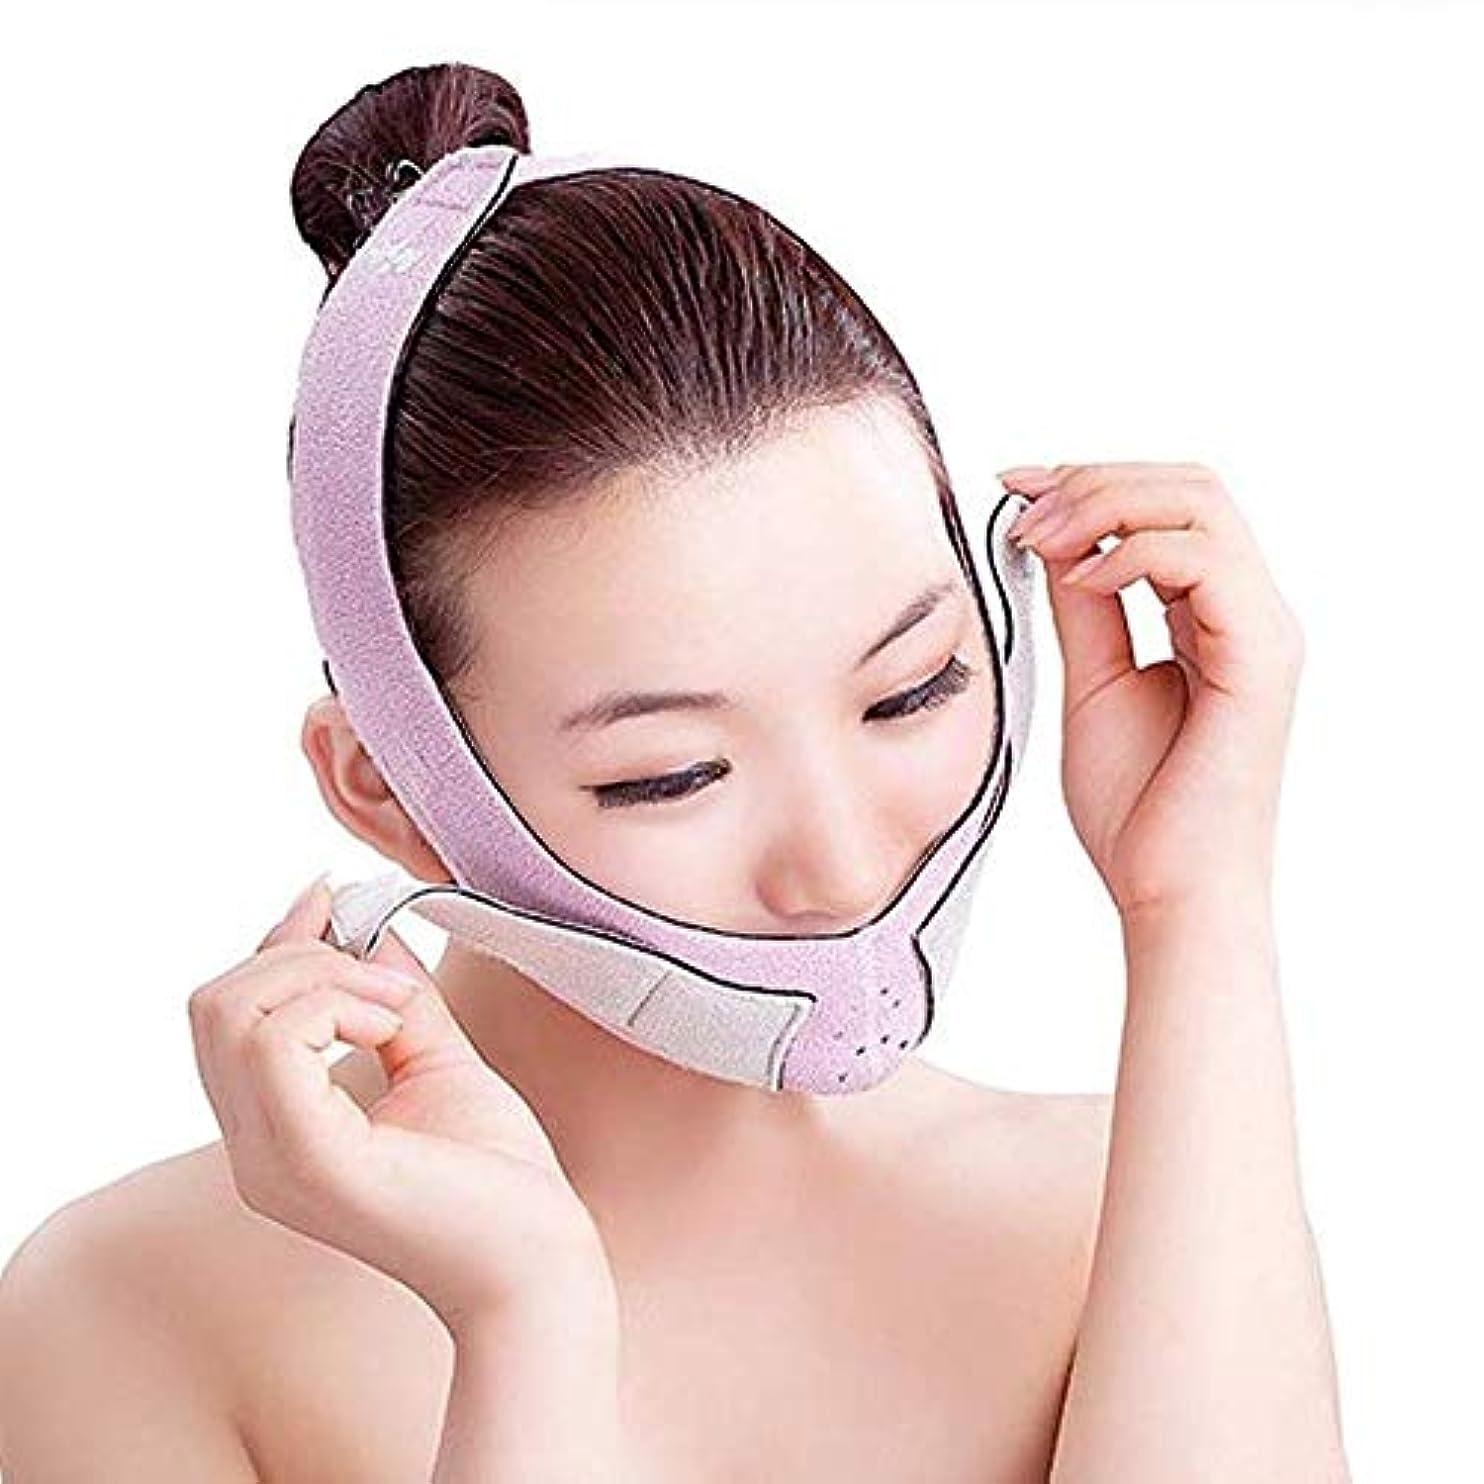 雑草未払い寄付HEMFV フェイススリミングマスク、3Dフェイスリフトスリミングフェイシャルマスク、皮膚のたるみを排除 - アンチエイジング痛み無料ウェイVフェイスラインベルトチンチークスリムリフト